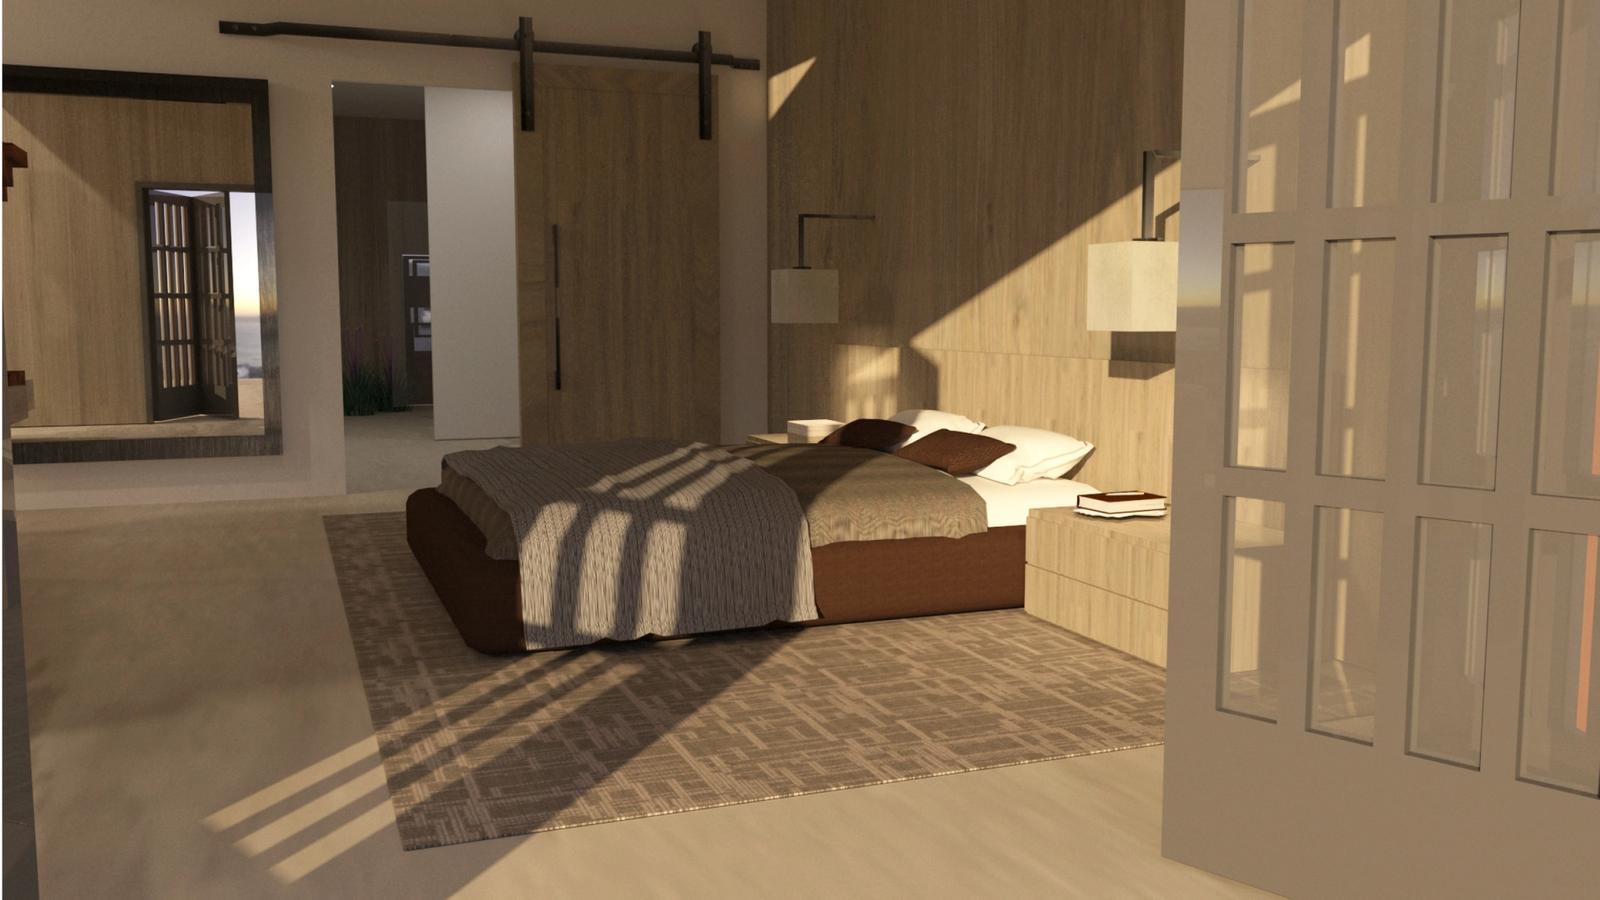 Artist Studio Loft - Bedroom Late Afternoon 2